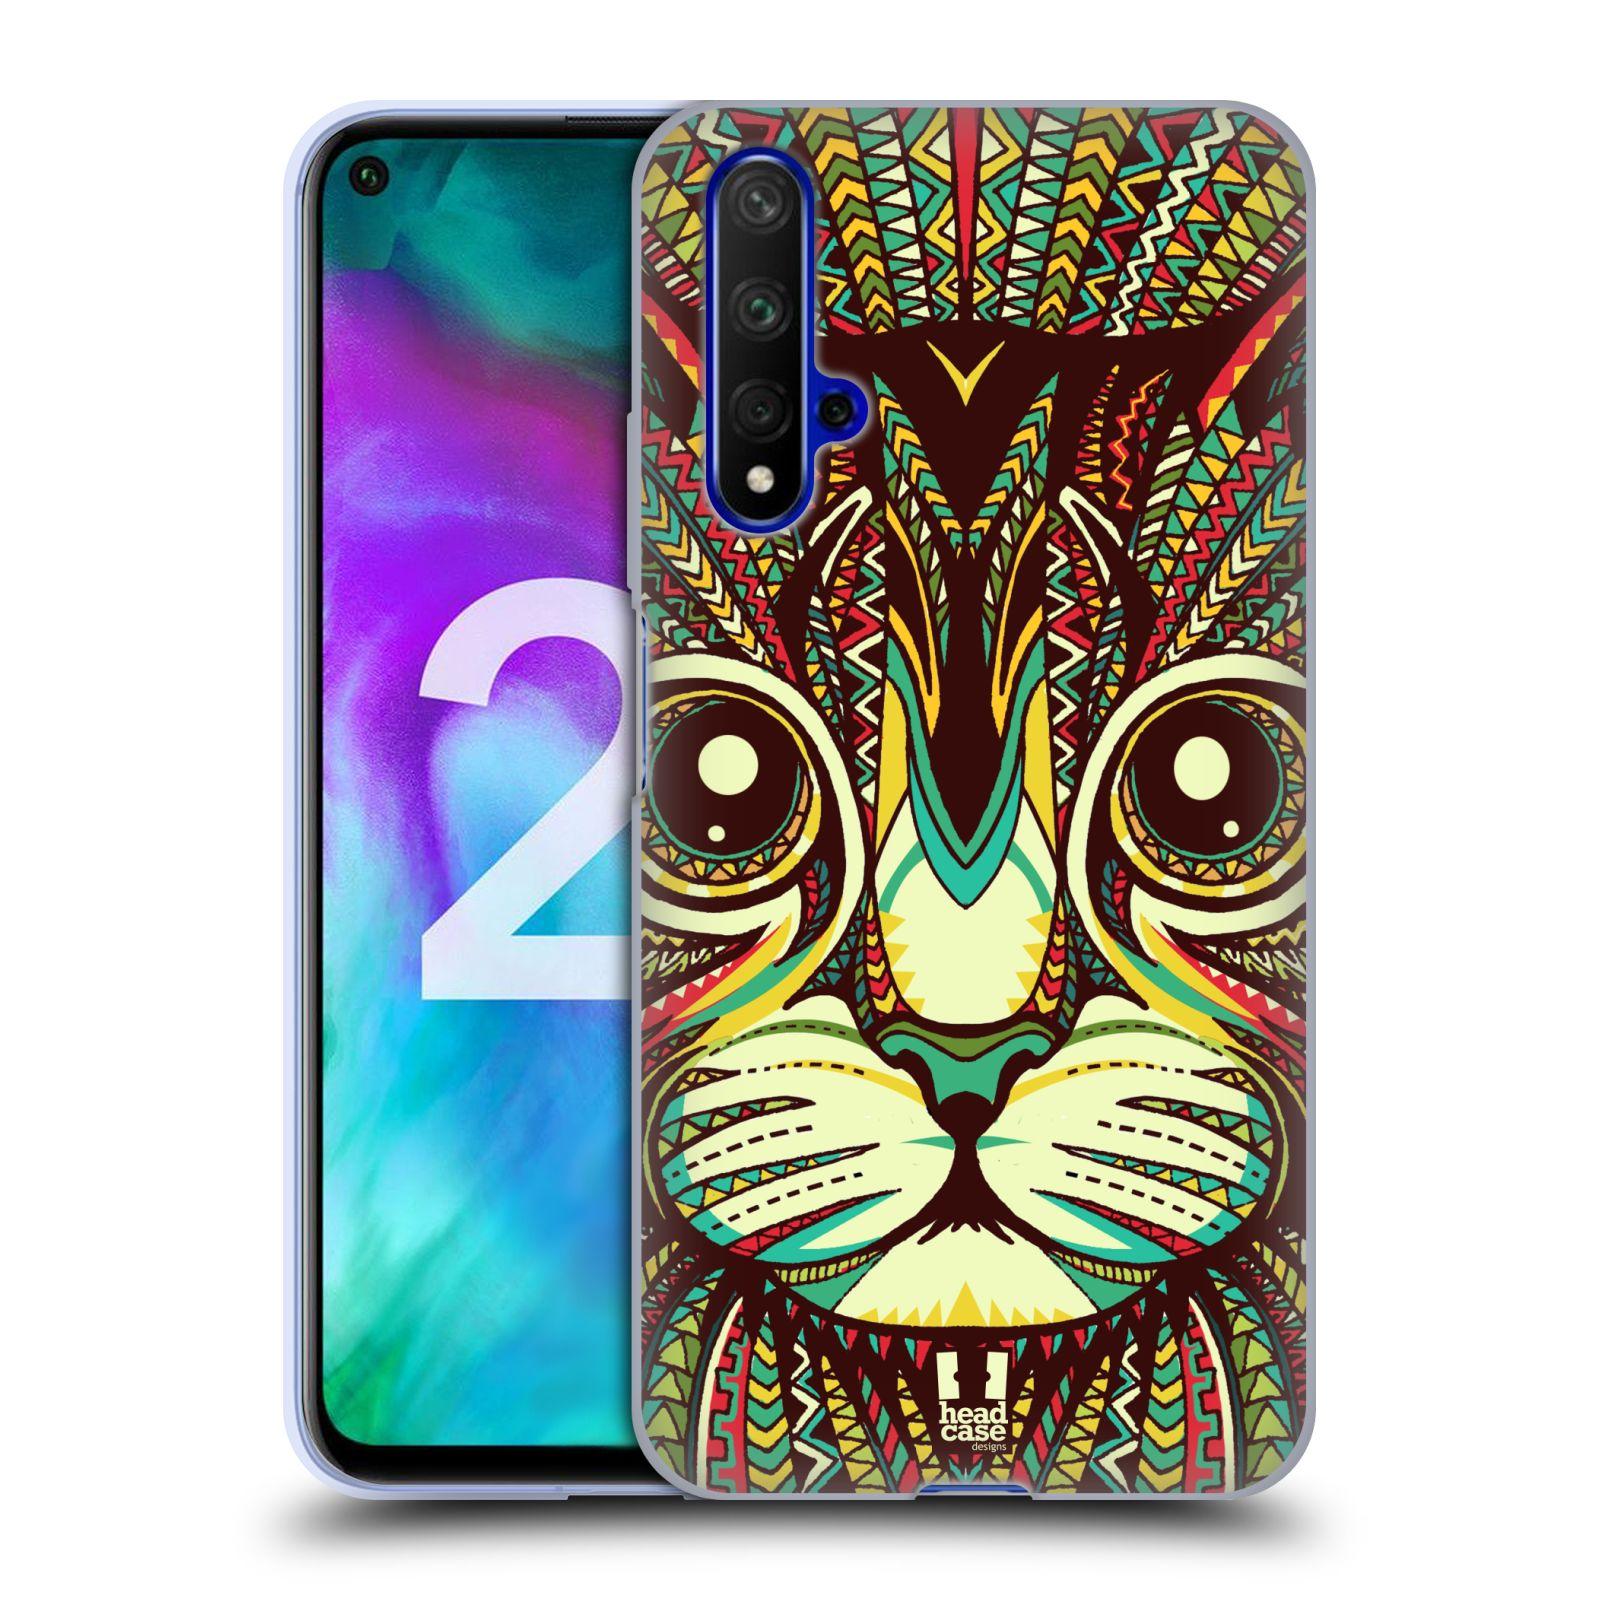 Silikonové pouzdro na mobil Honor 20 - Head Case - AZTEC KOČKA